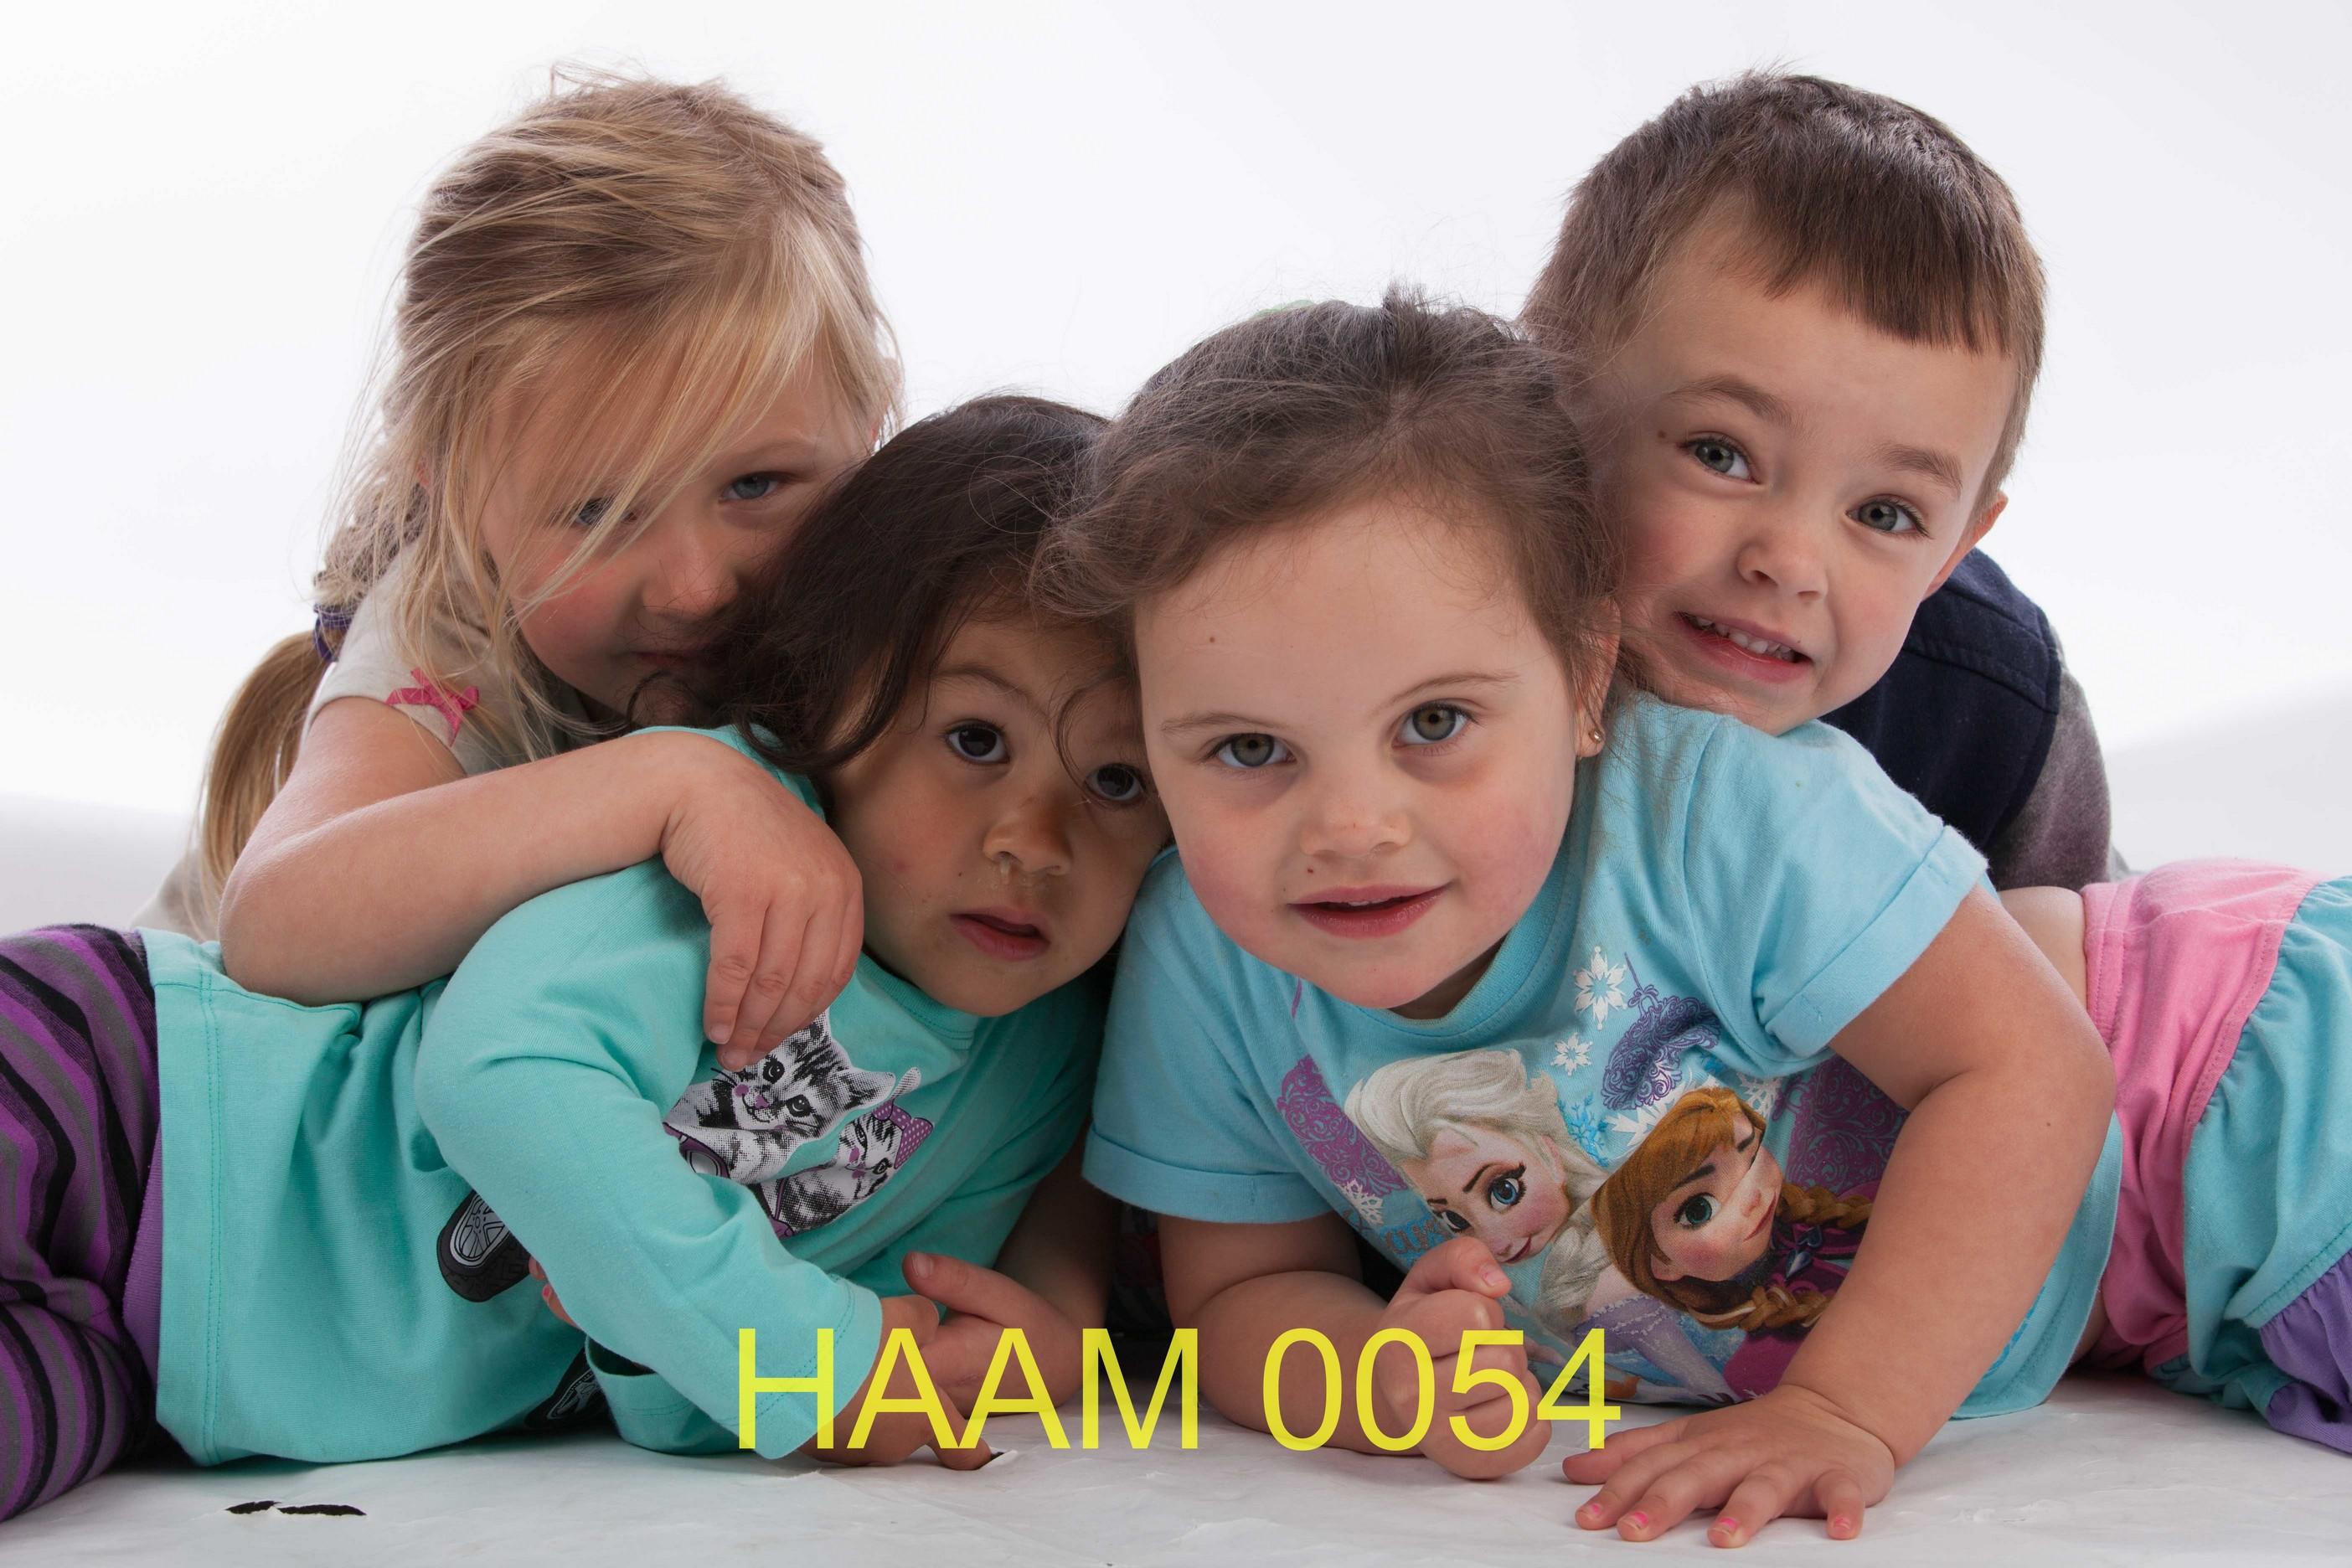 HAAM 0054